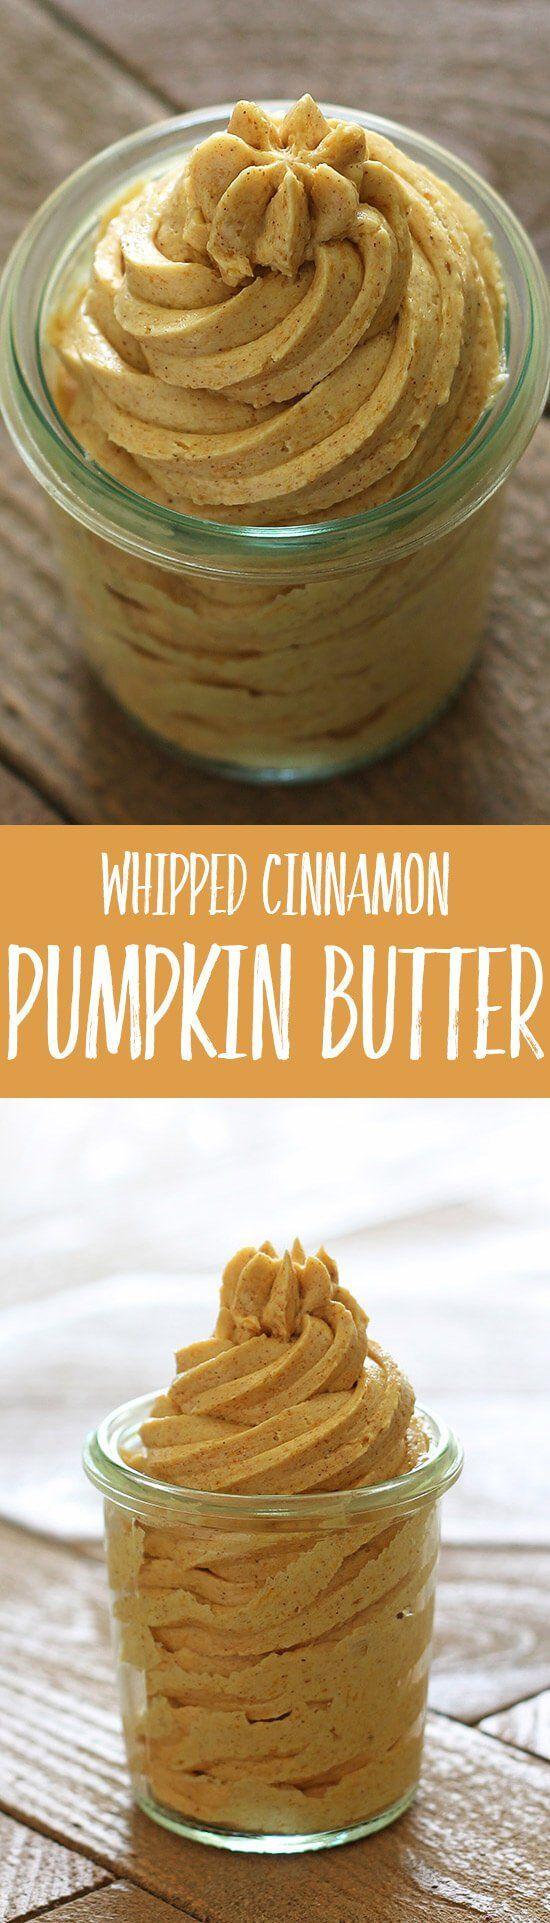 Whipped Cinnamon Pumpkin Butter